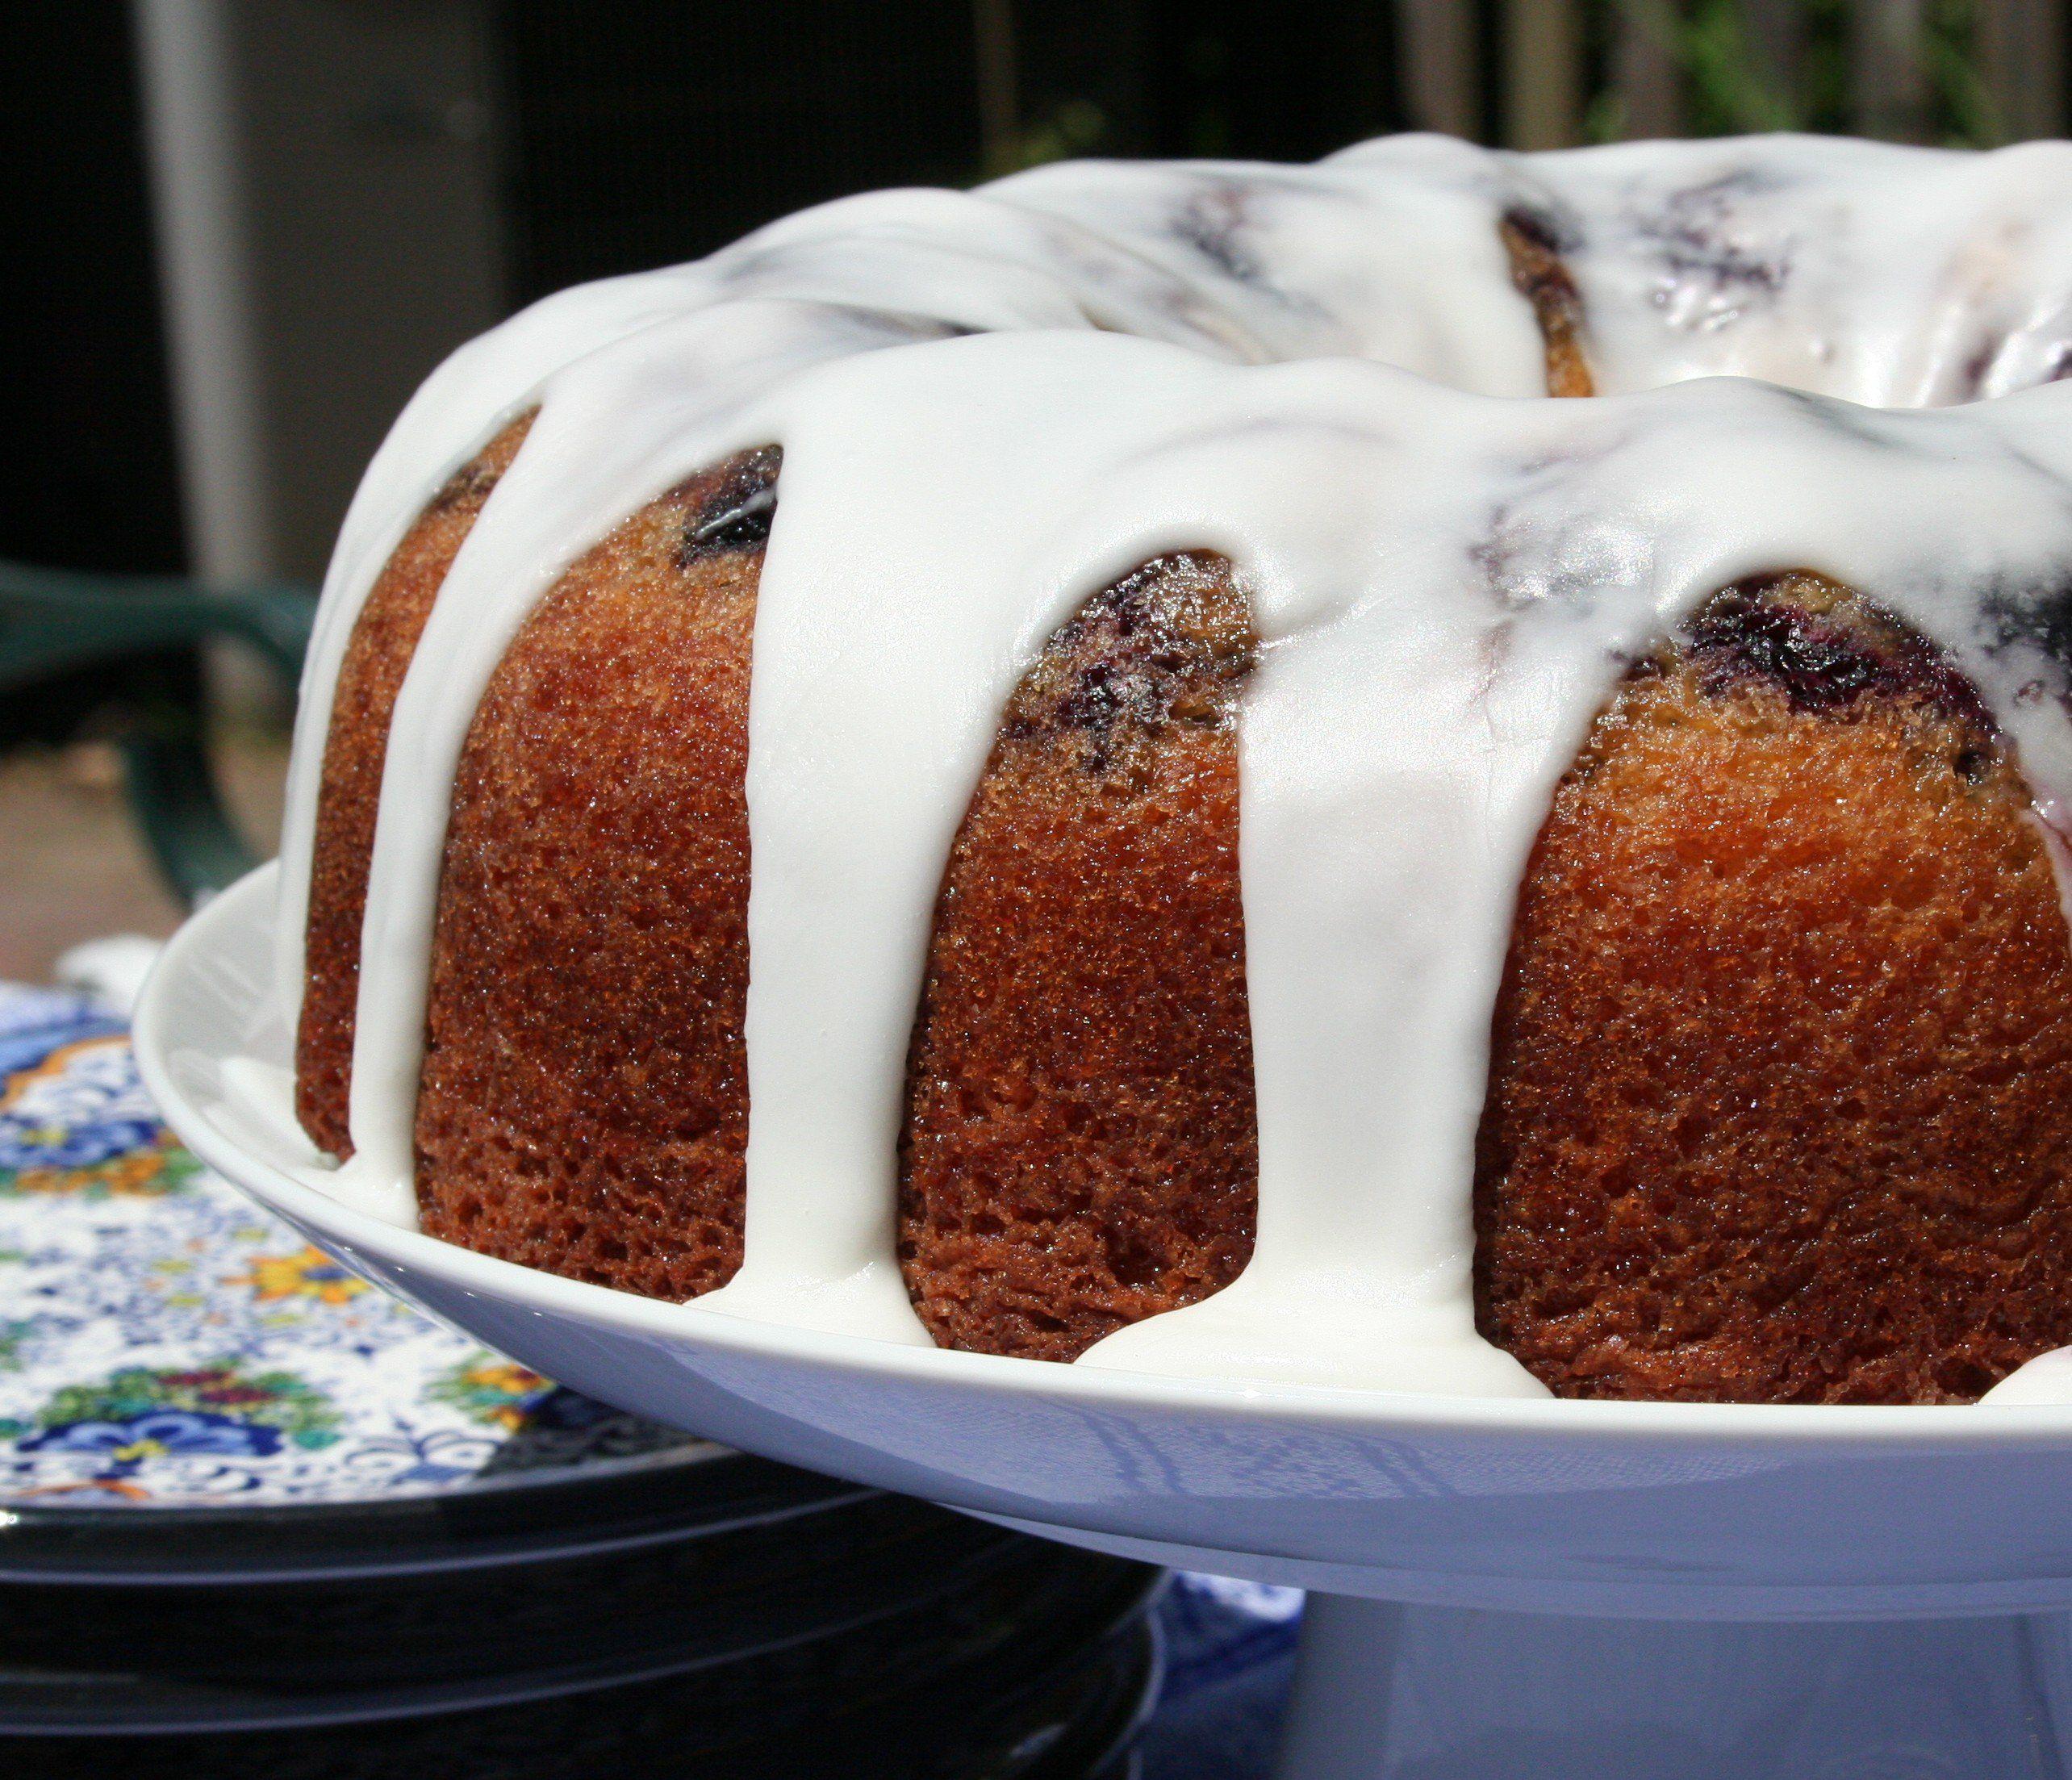 Glazed Lemon Blueberry Bundt Cake - Farberware Cookware